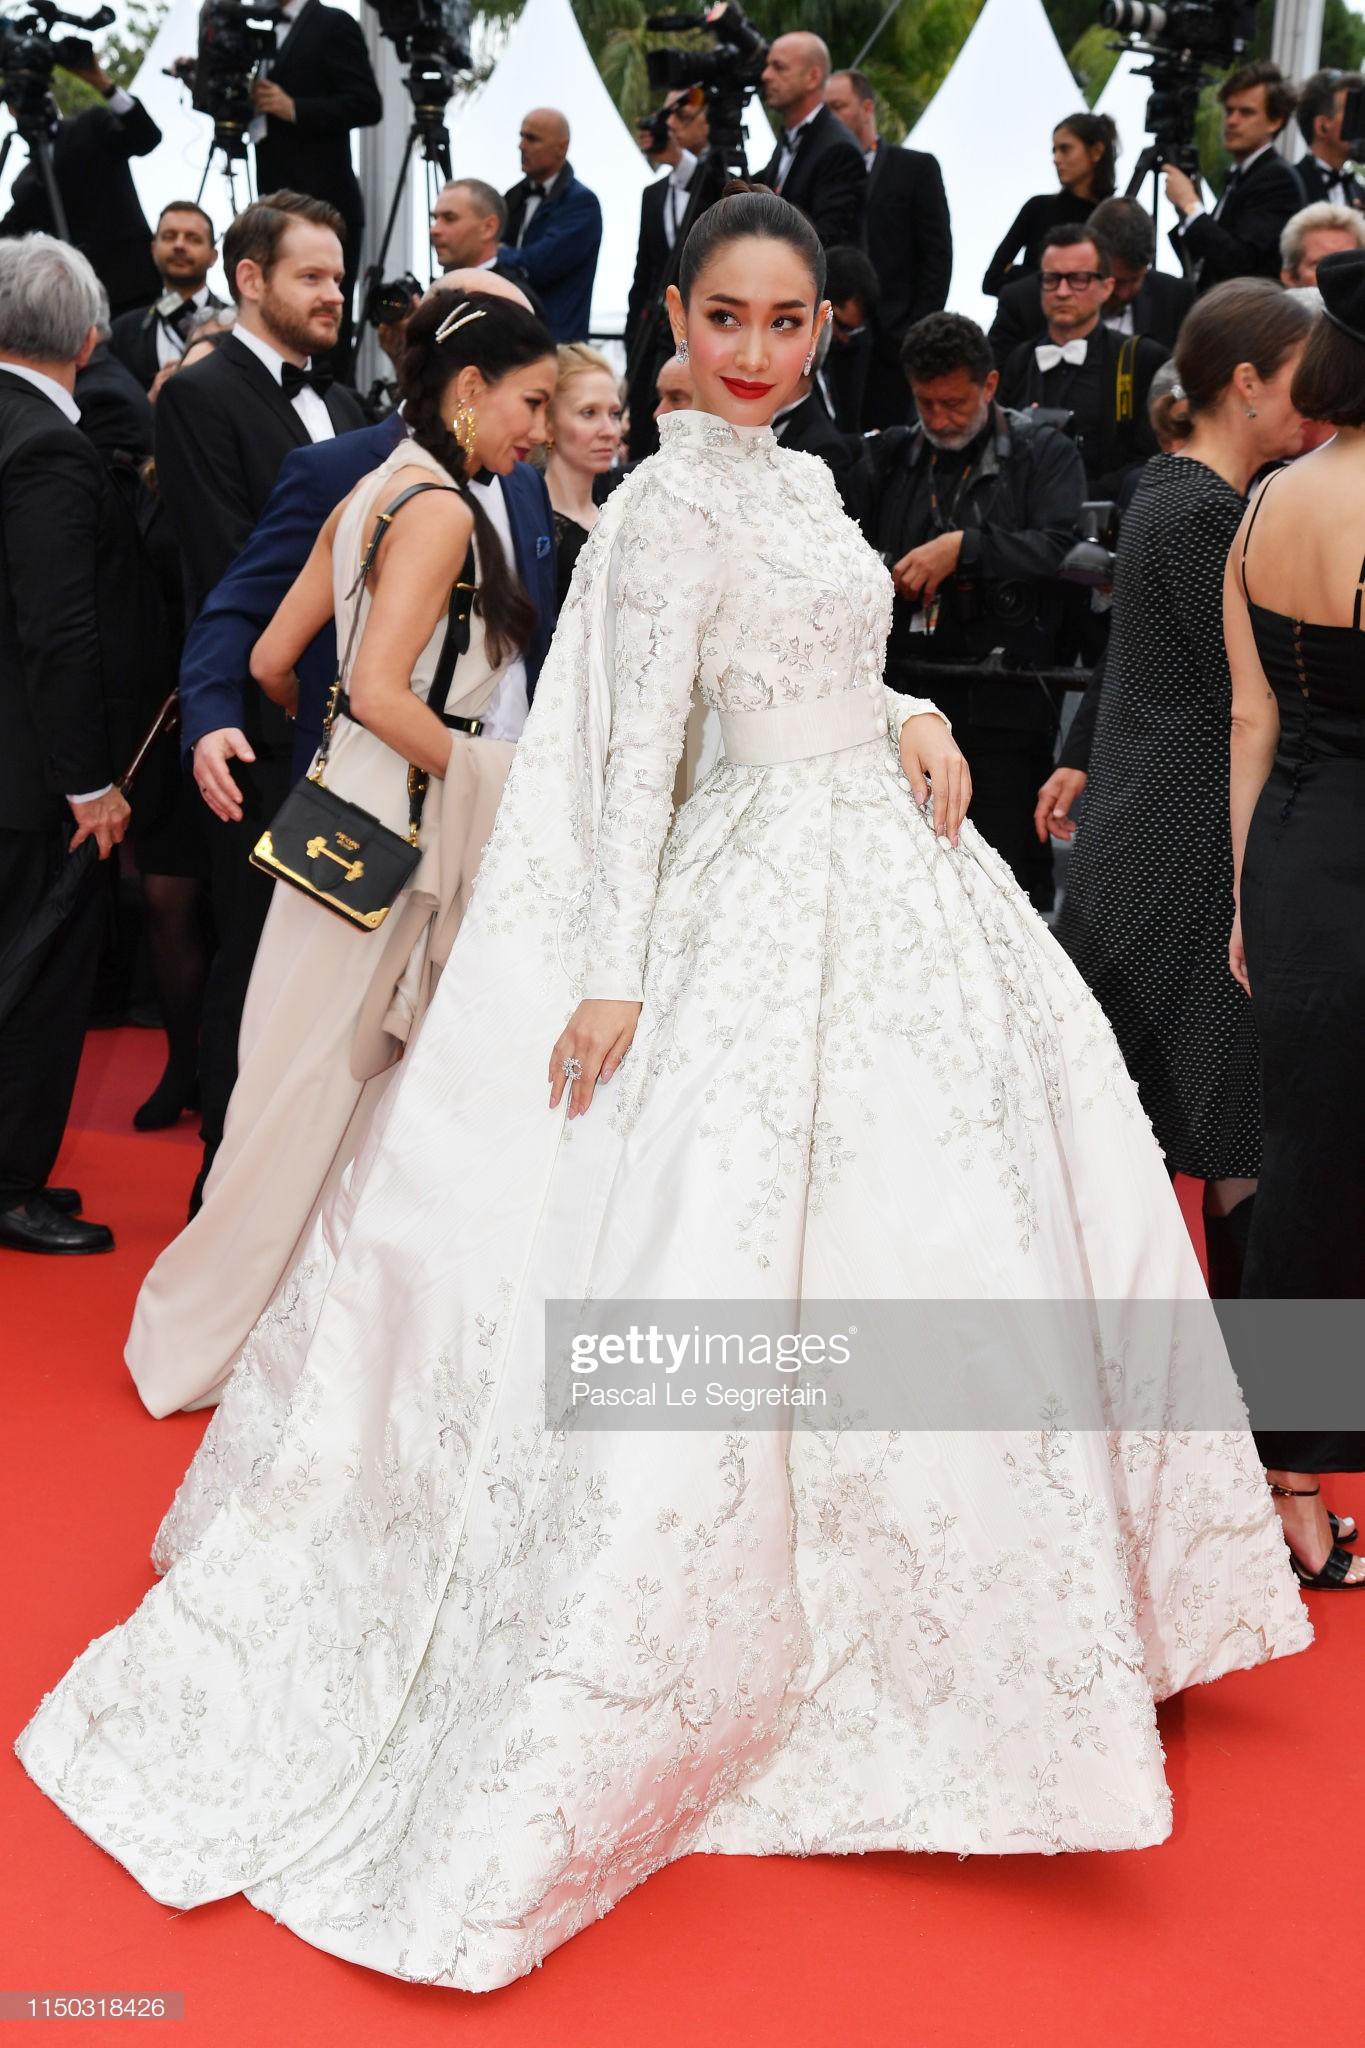 3 cấp độ quyền lực thảm đỏ ở Cannes: Phạm Băng Băng mới chỉ hạng VIP, còn Ngọc Trinh hạng chíp chíp? - Ảnh 4.